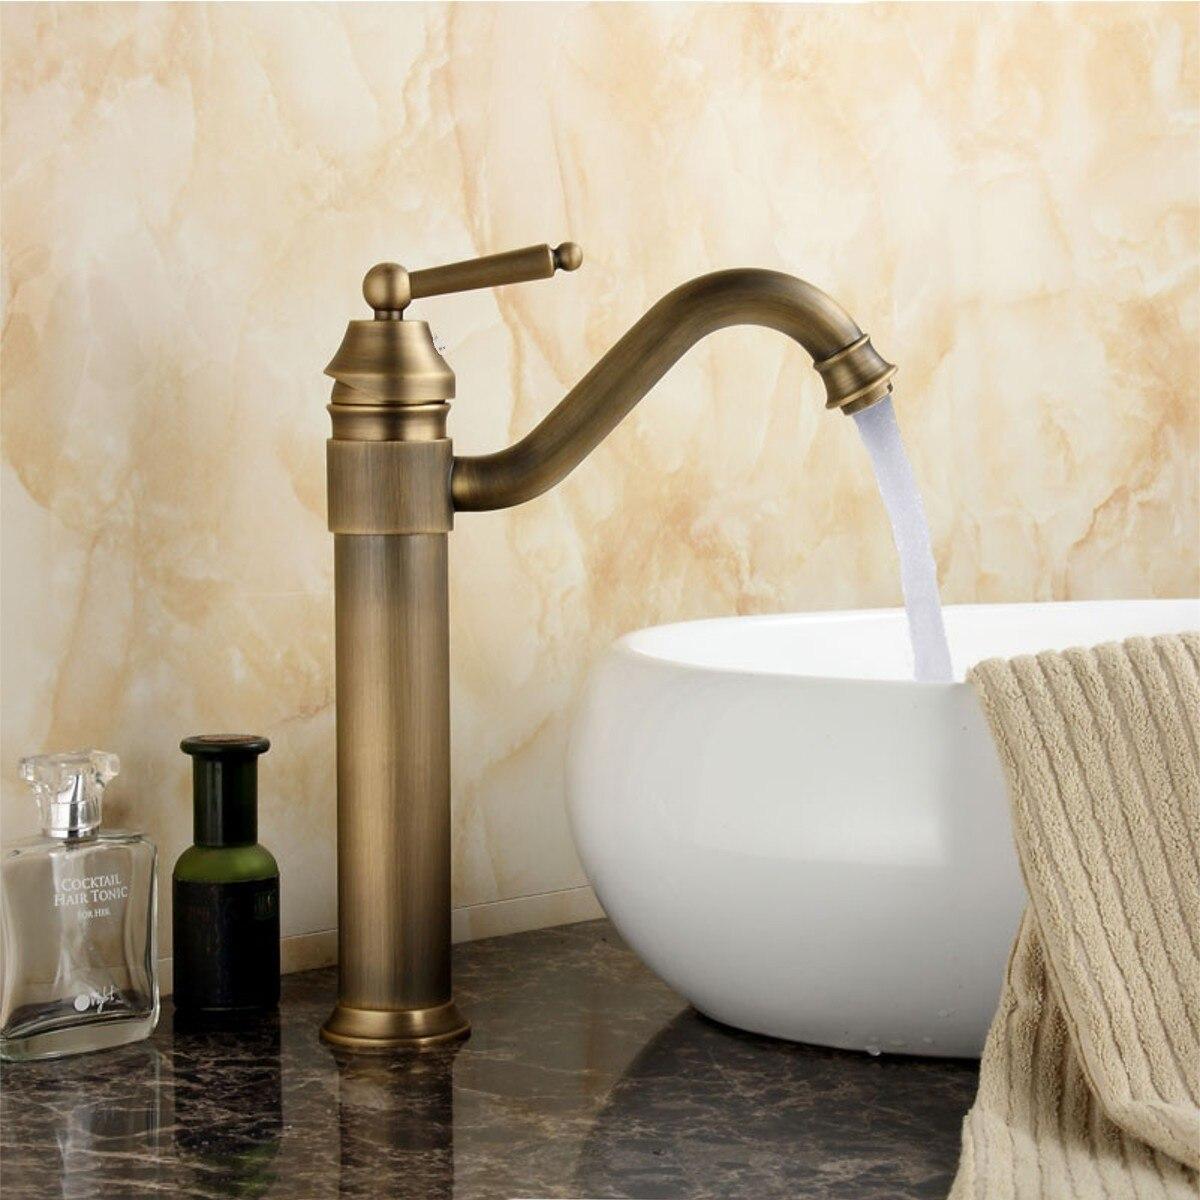 Antique cuivre laiton 360 rotatif bassin évier robinet salle de bain eau froide et chaude mitigeur mitigeur poignée unique pont monté classique